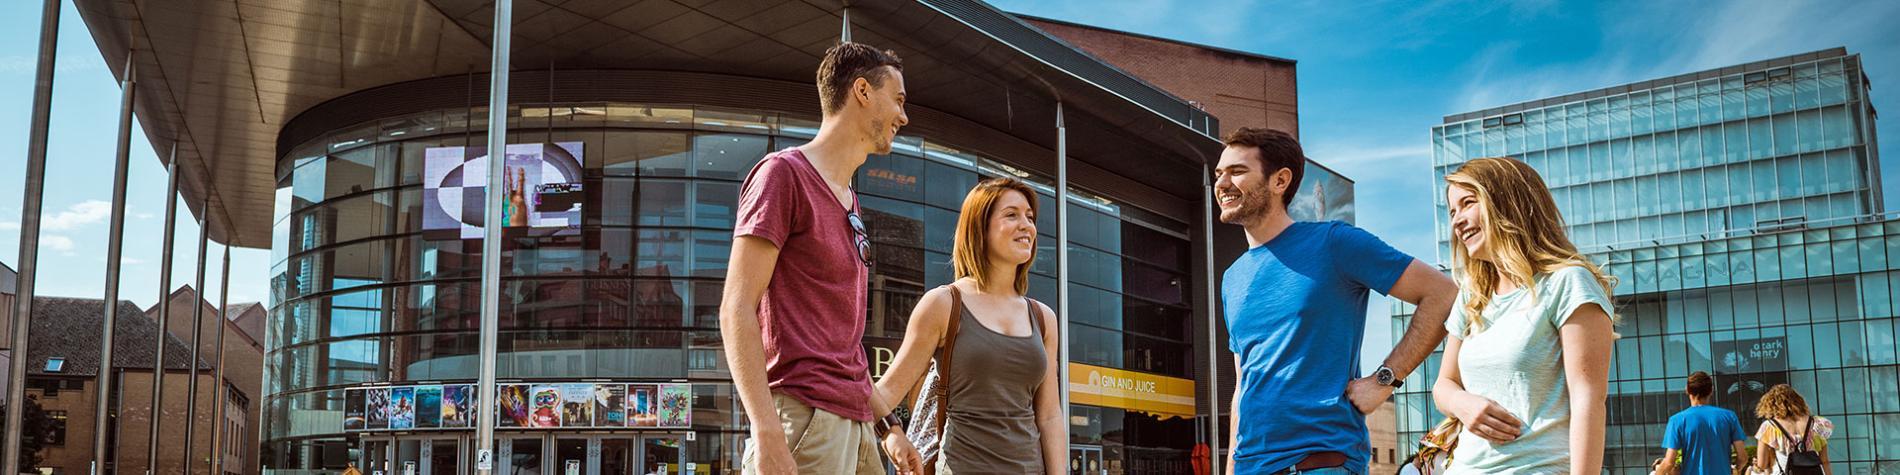 Louvain-la-neuve - Grand-place - couples